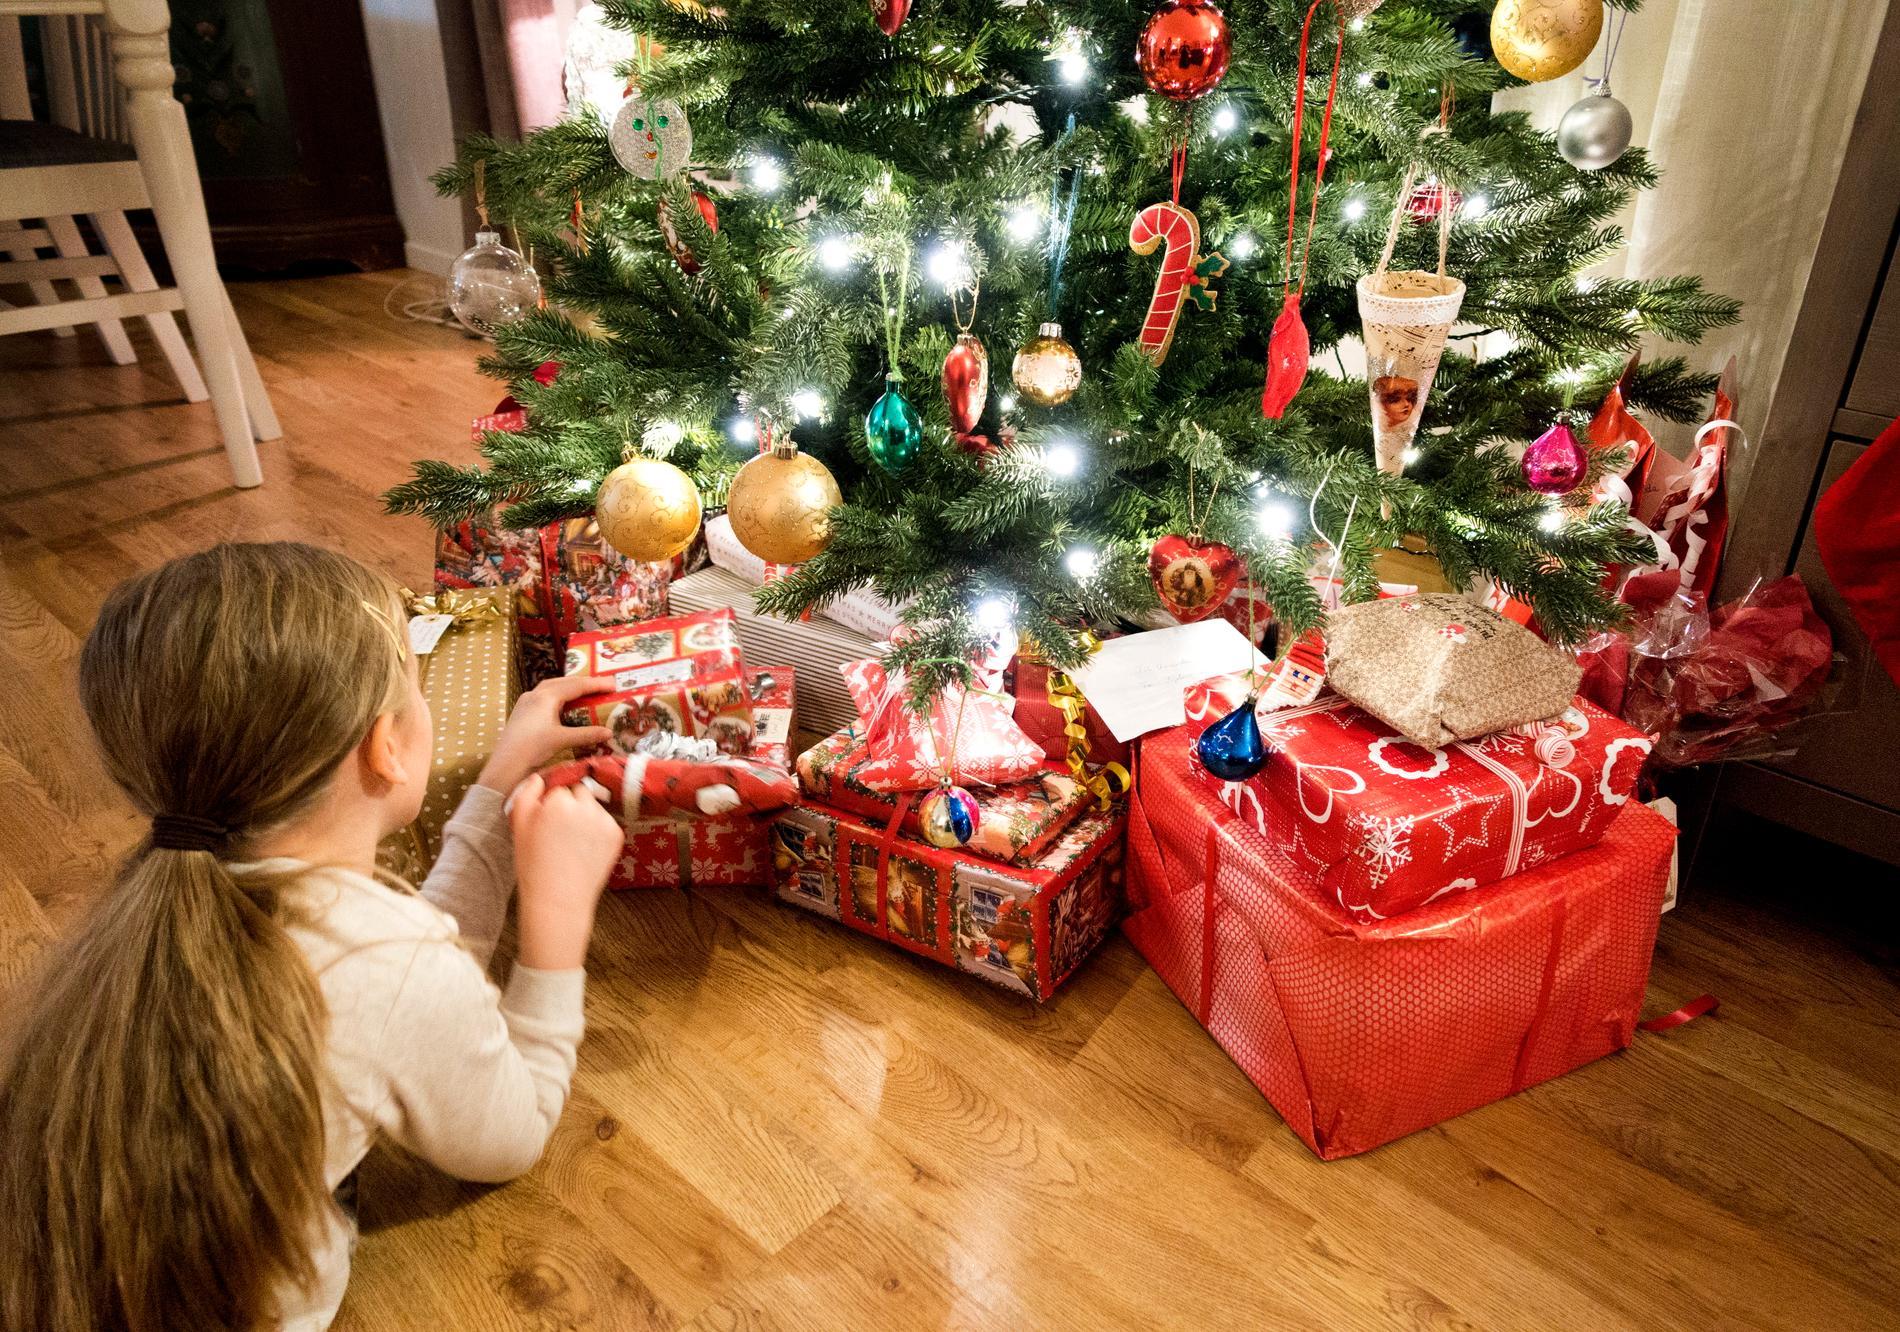 Bor man tillräckligt stort eller hyr en lokal så man kan hålla avstånd, kan det vara okej med ett större julfirande, menar Tegnell. Bilden är en genrebild.